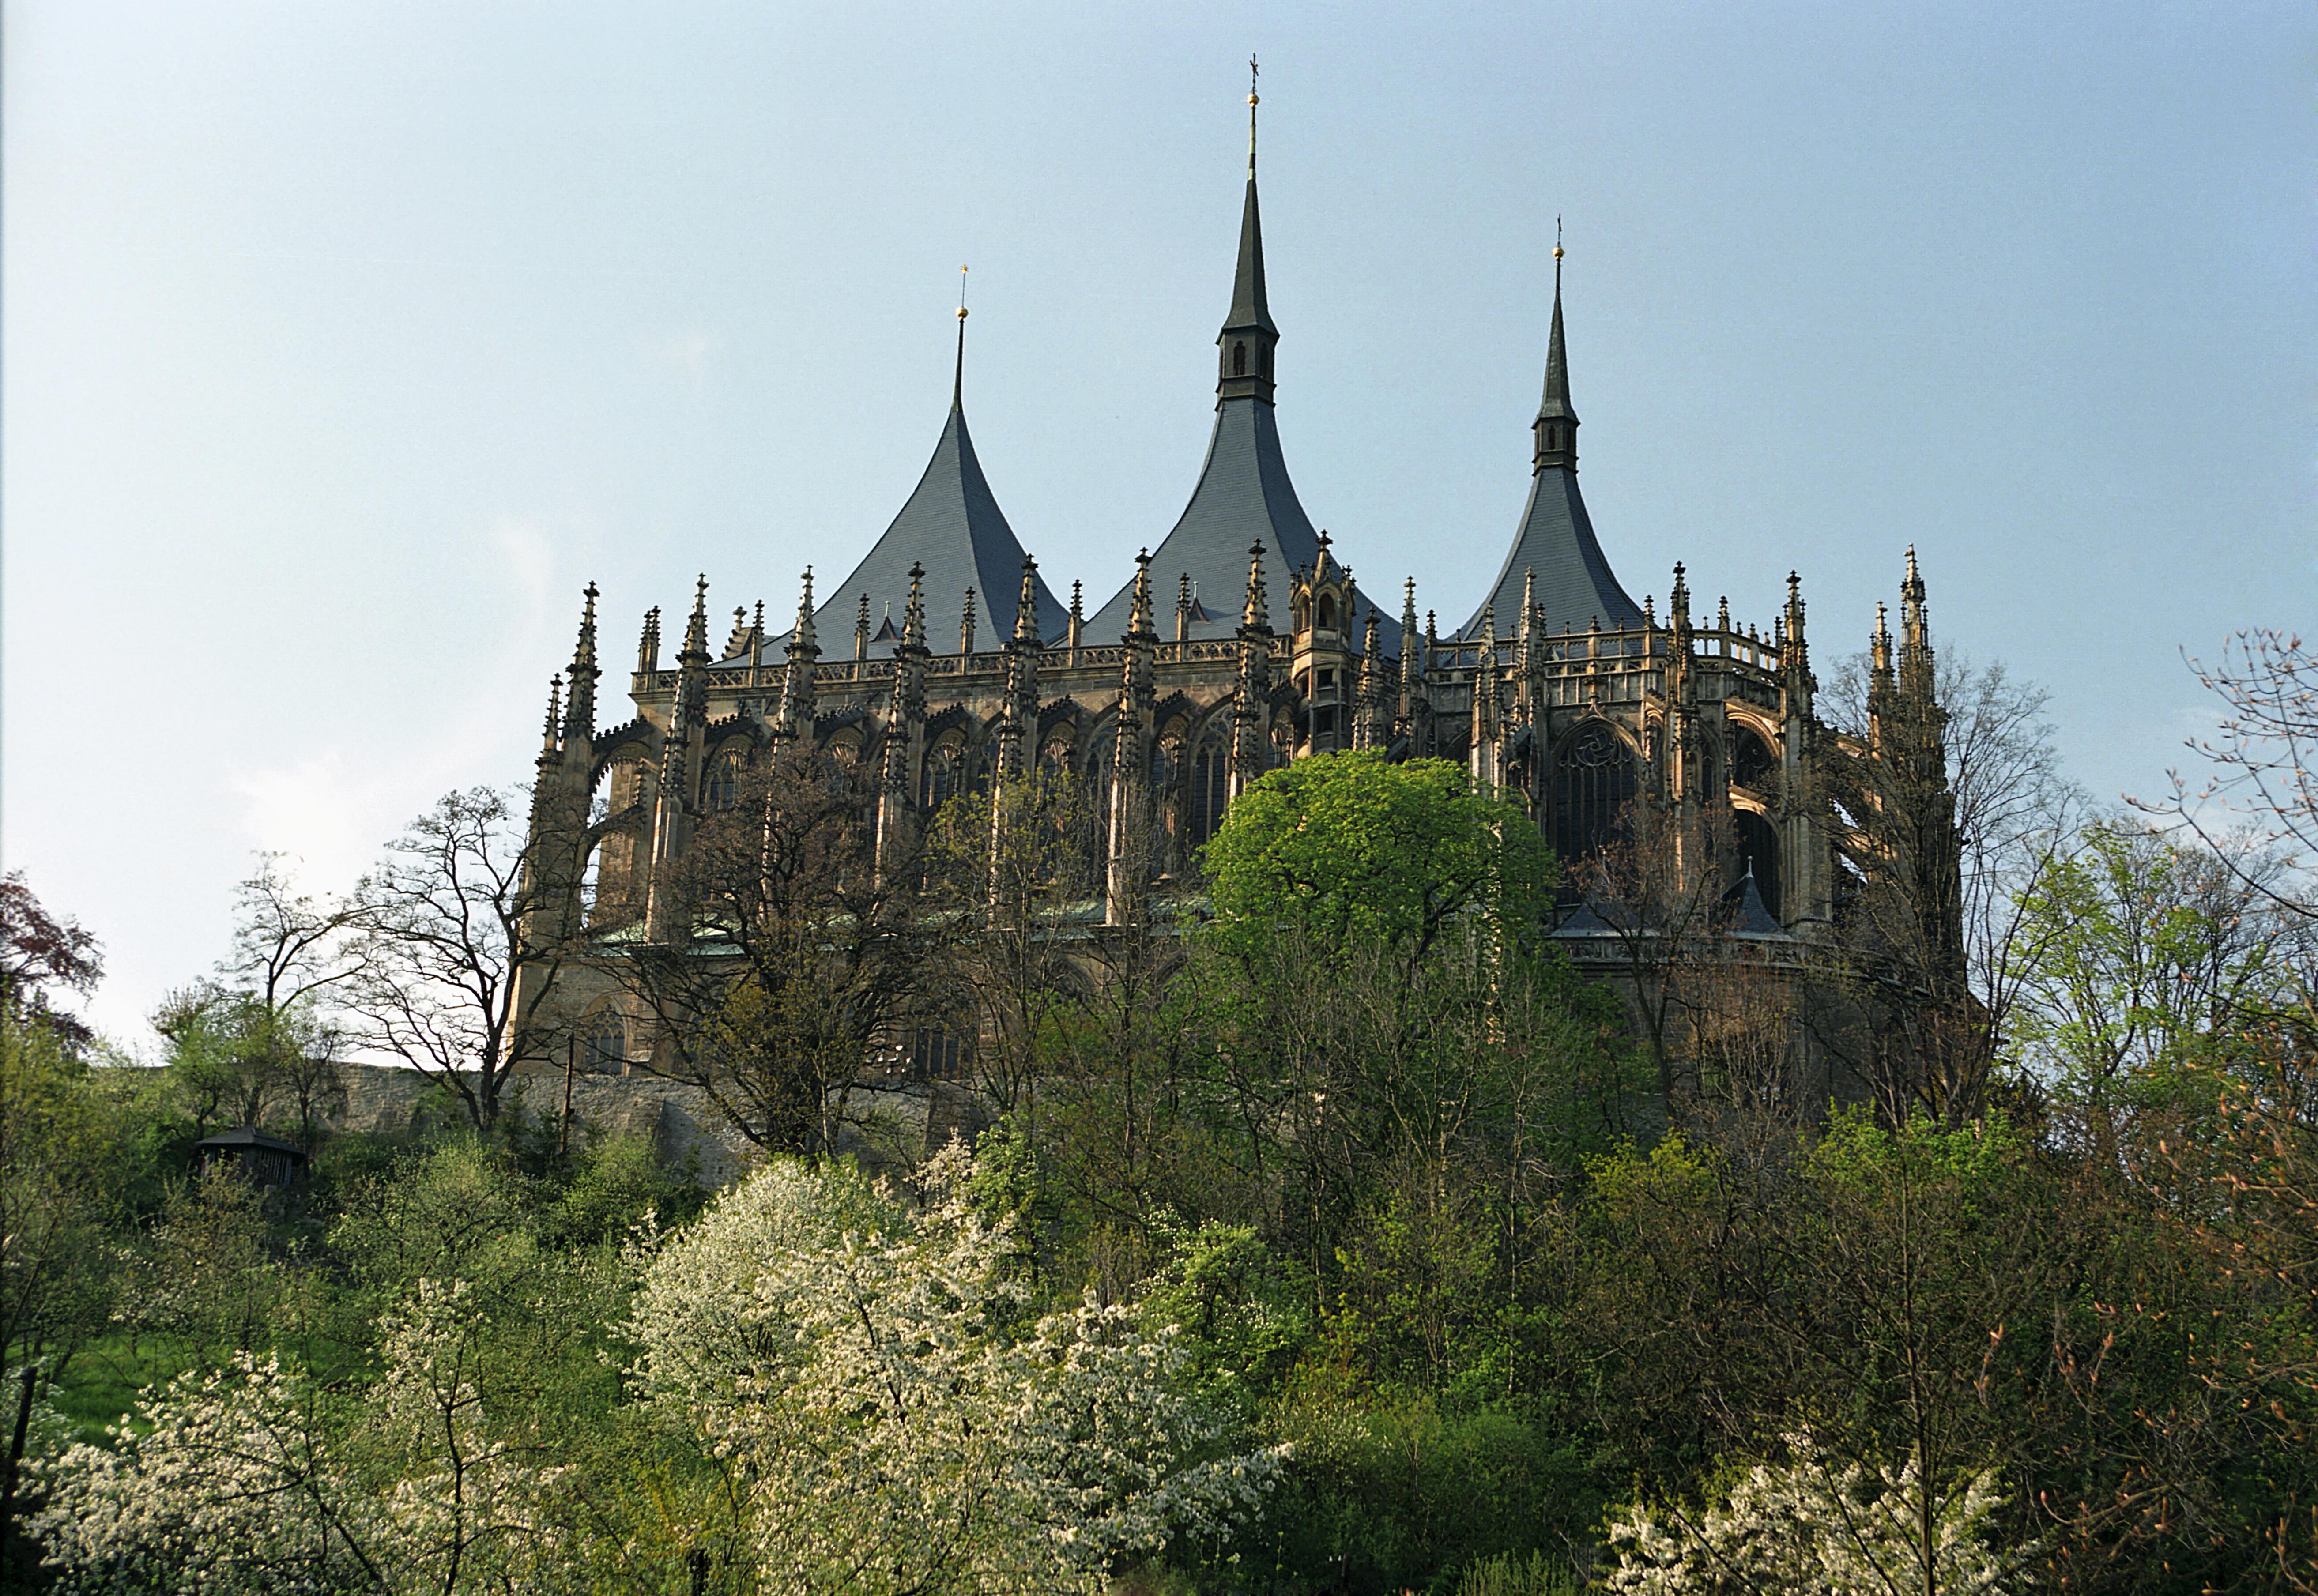 Svaté barbory je pětilodní gotický kostel ve městě kutná hora